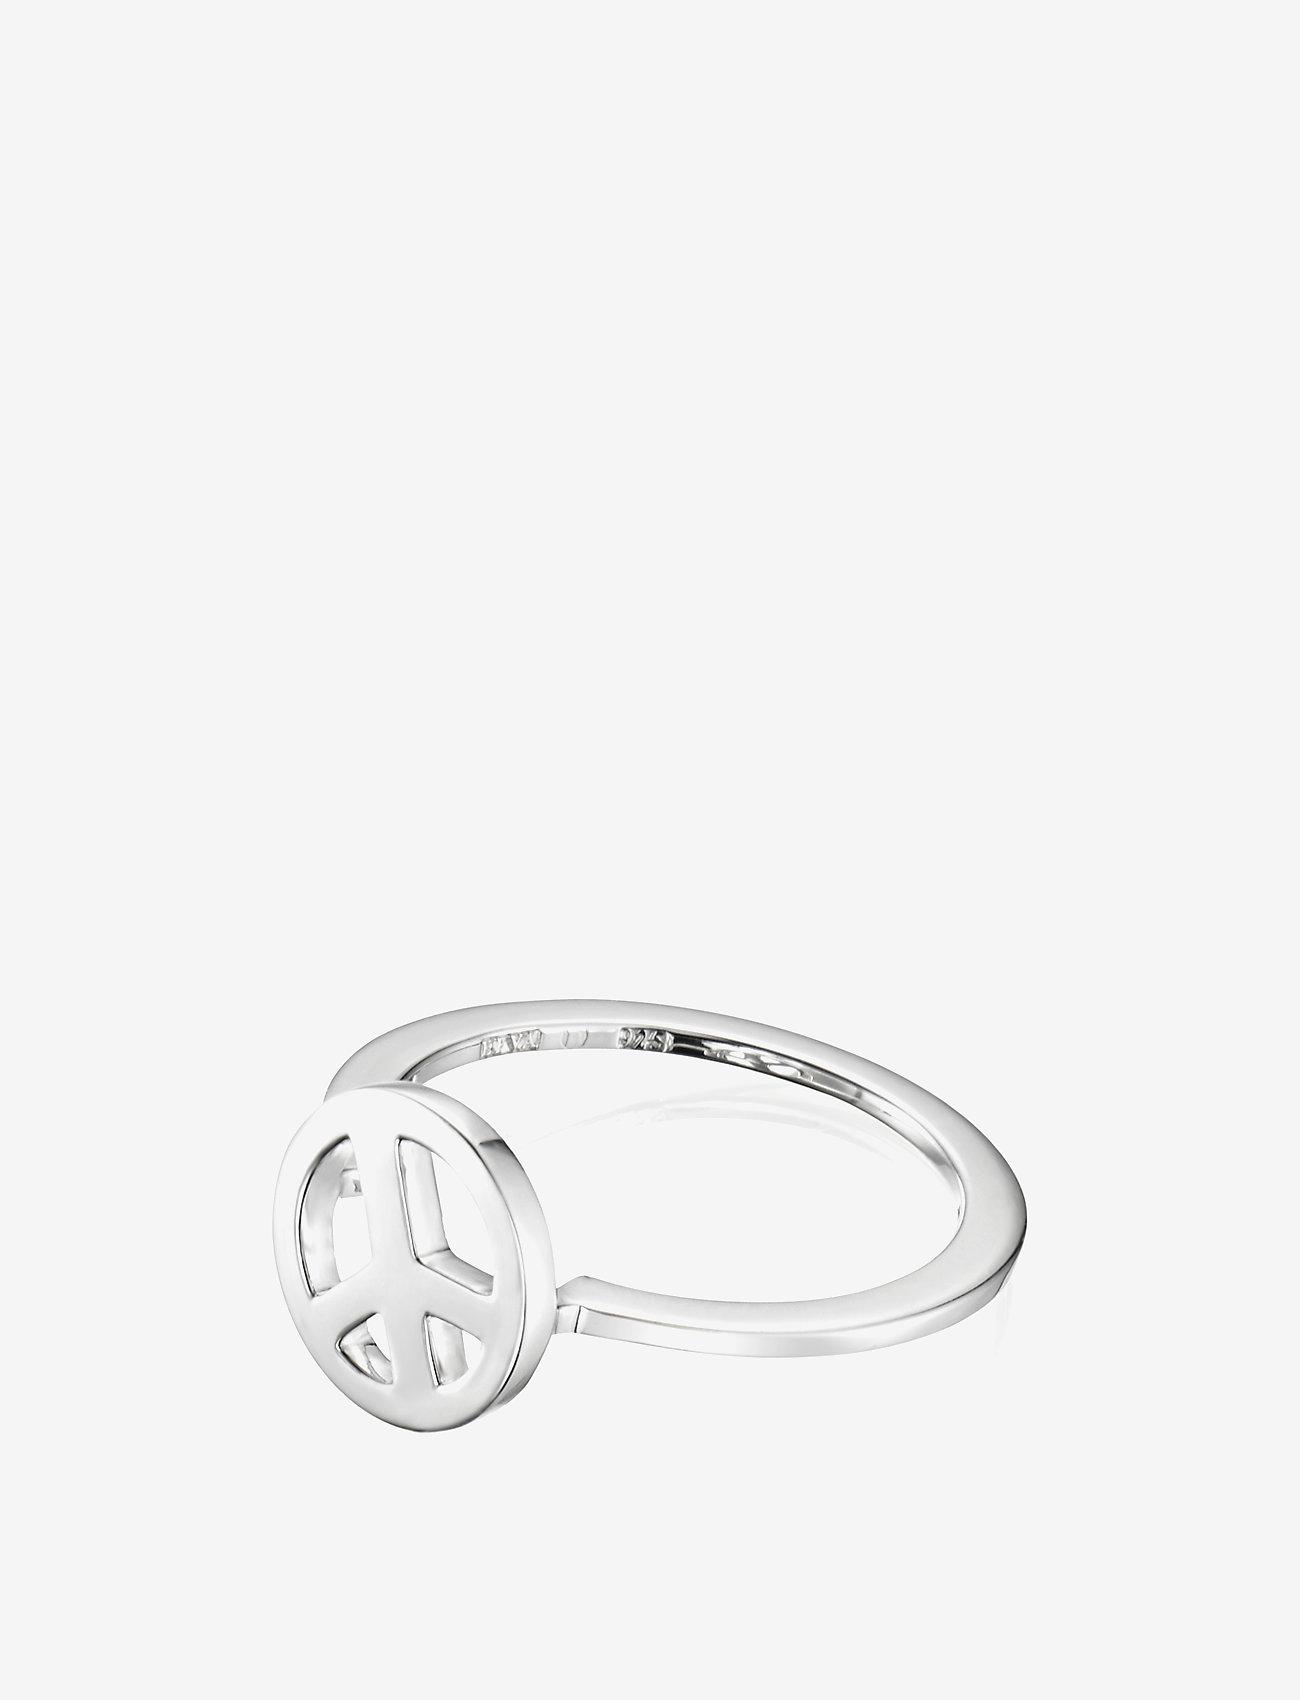 Efva Attling Peace Ring - Smycken Silver